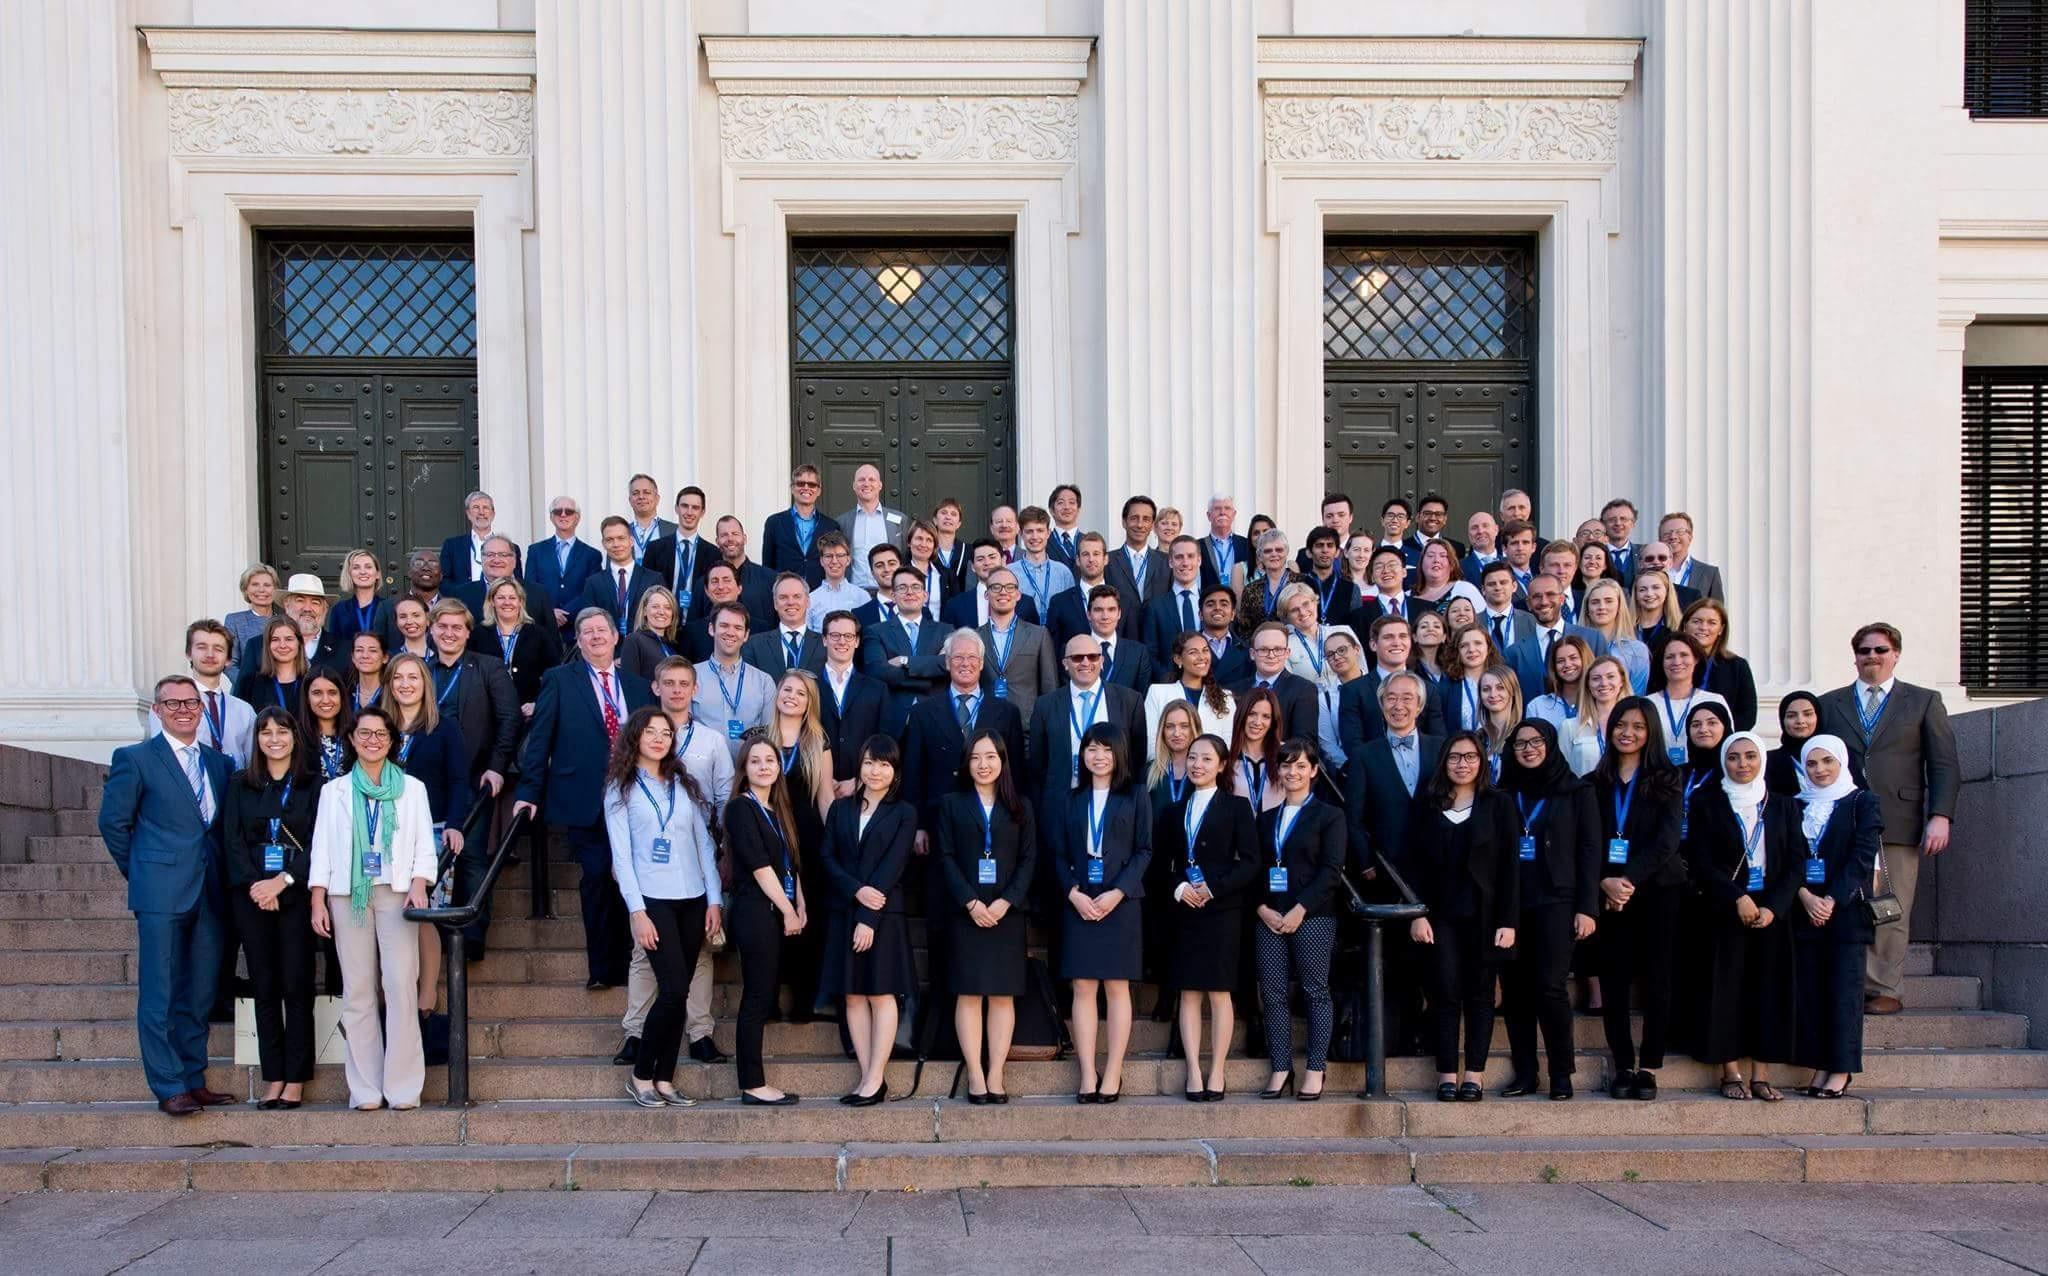 Les participants du Concours de négociation internationale 2017